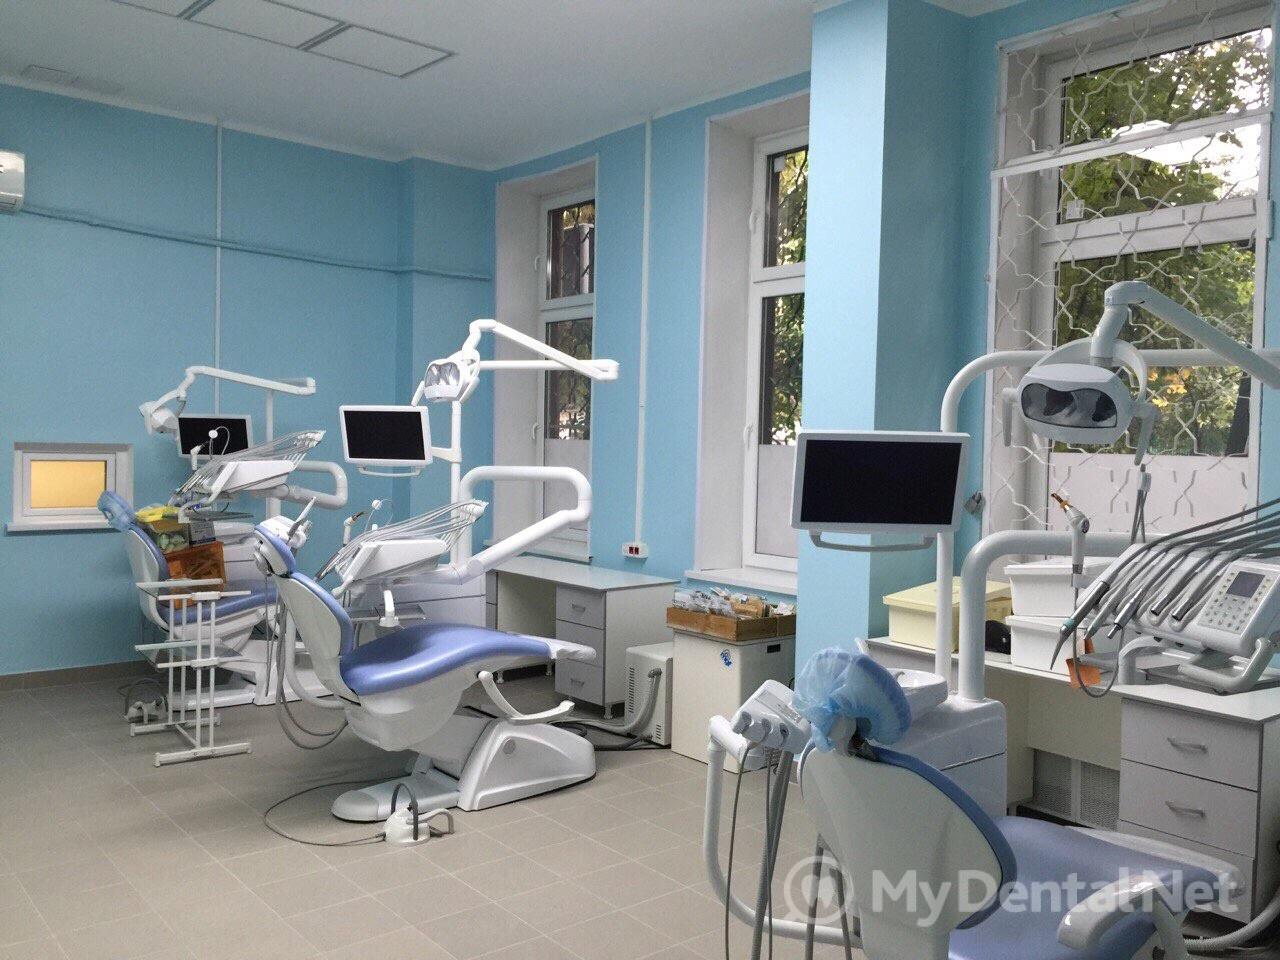 детская стоматологическая поликлиника 2 краснодар официальный сайт